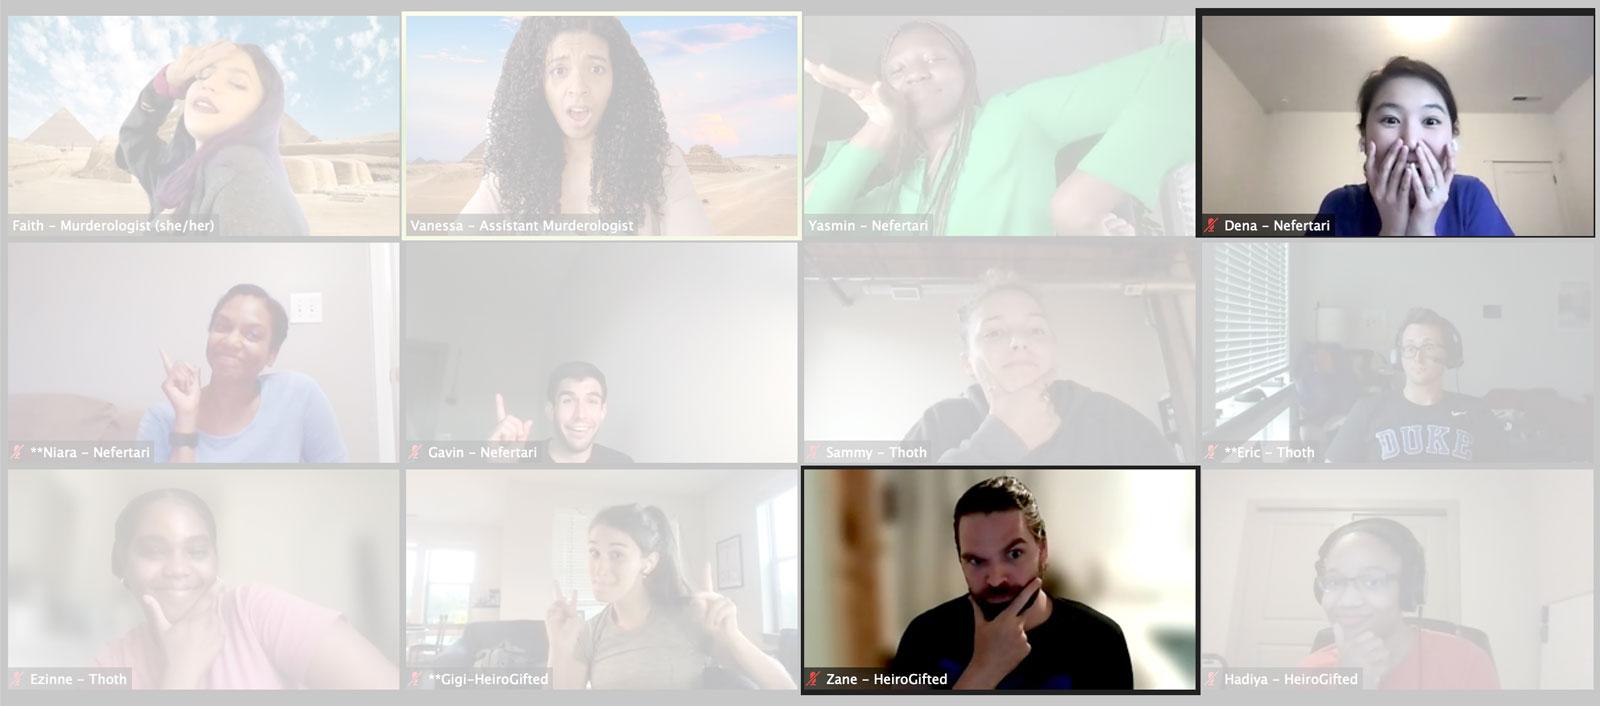 Zane and Dena at virtual escape room